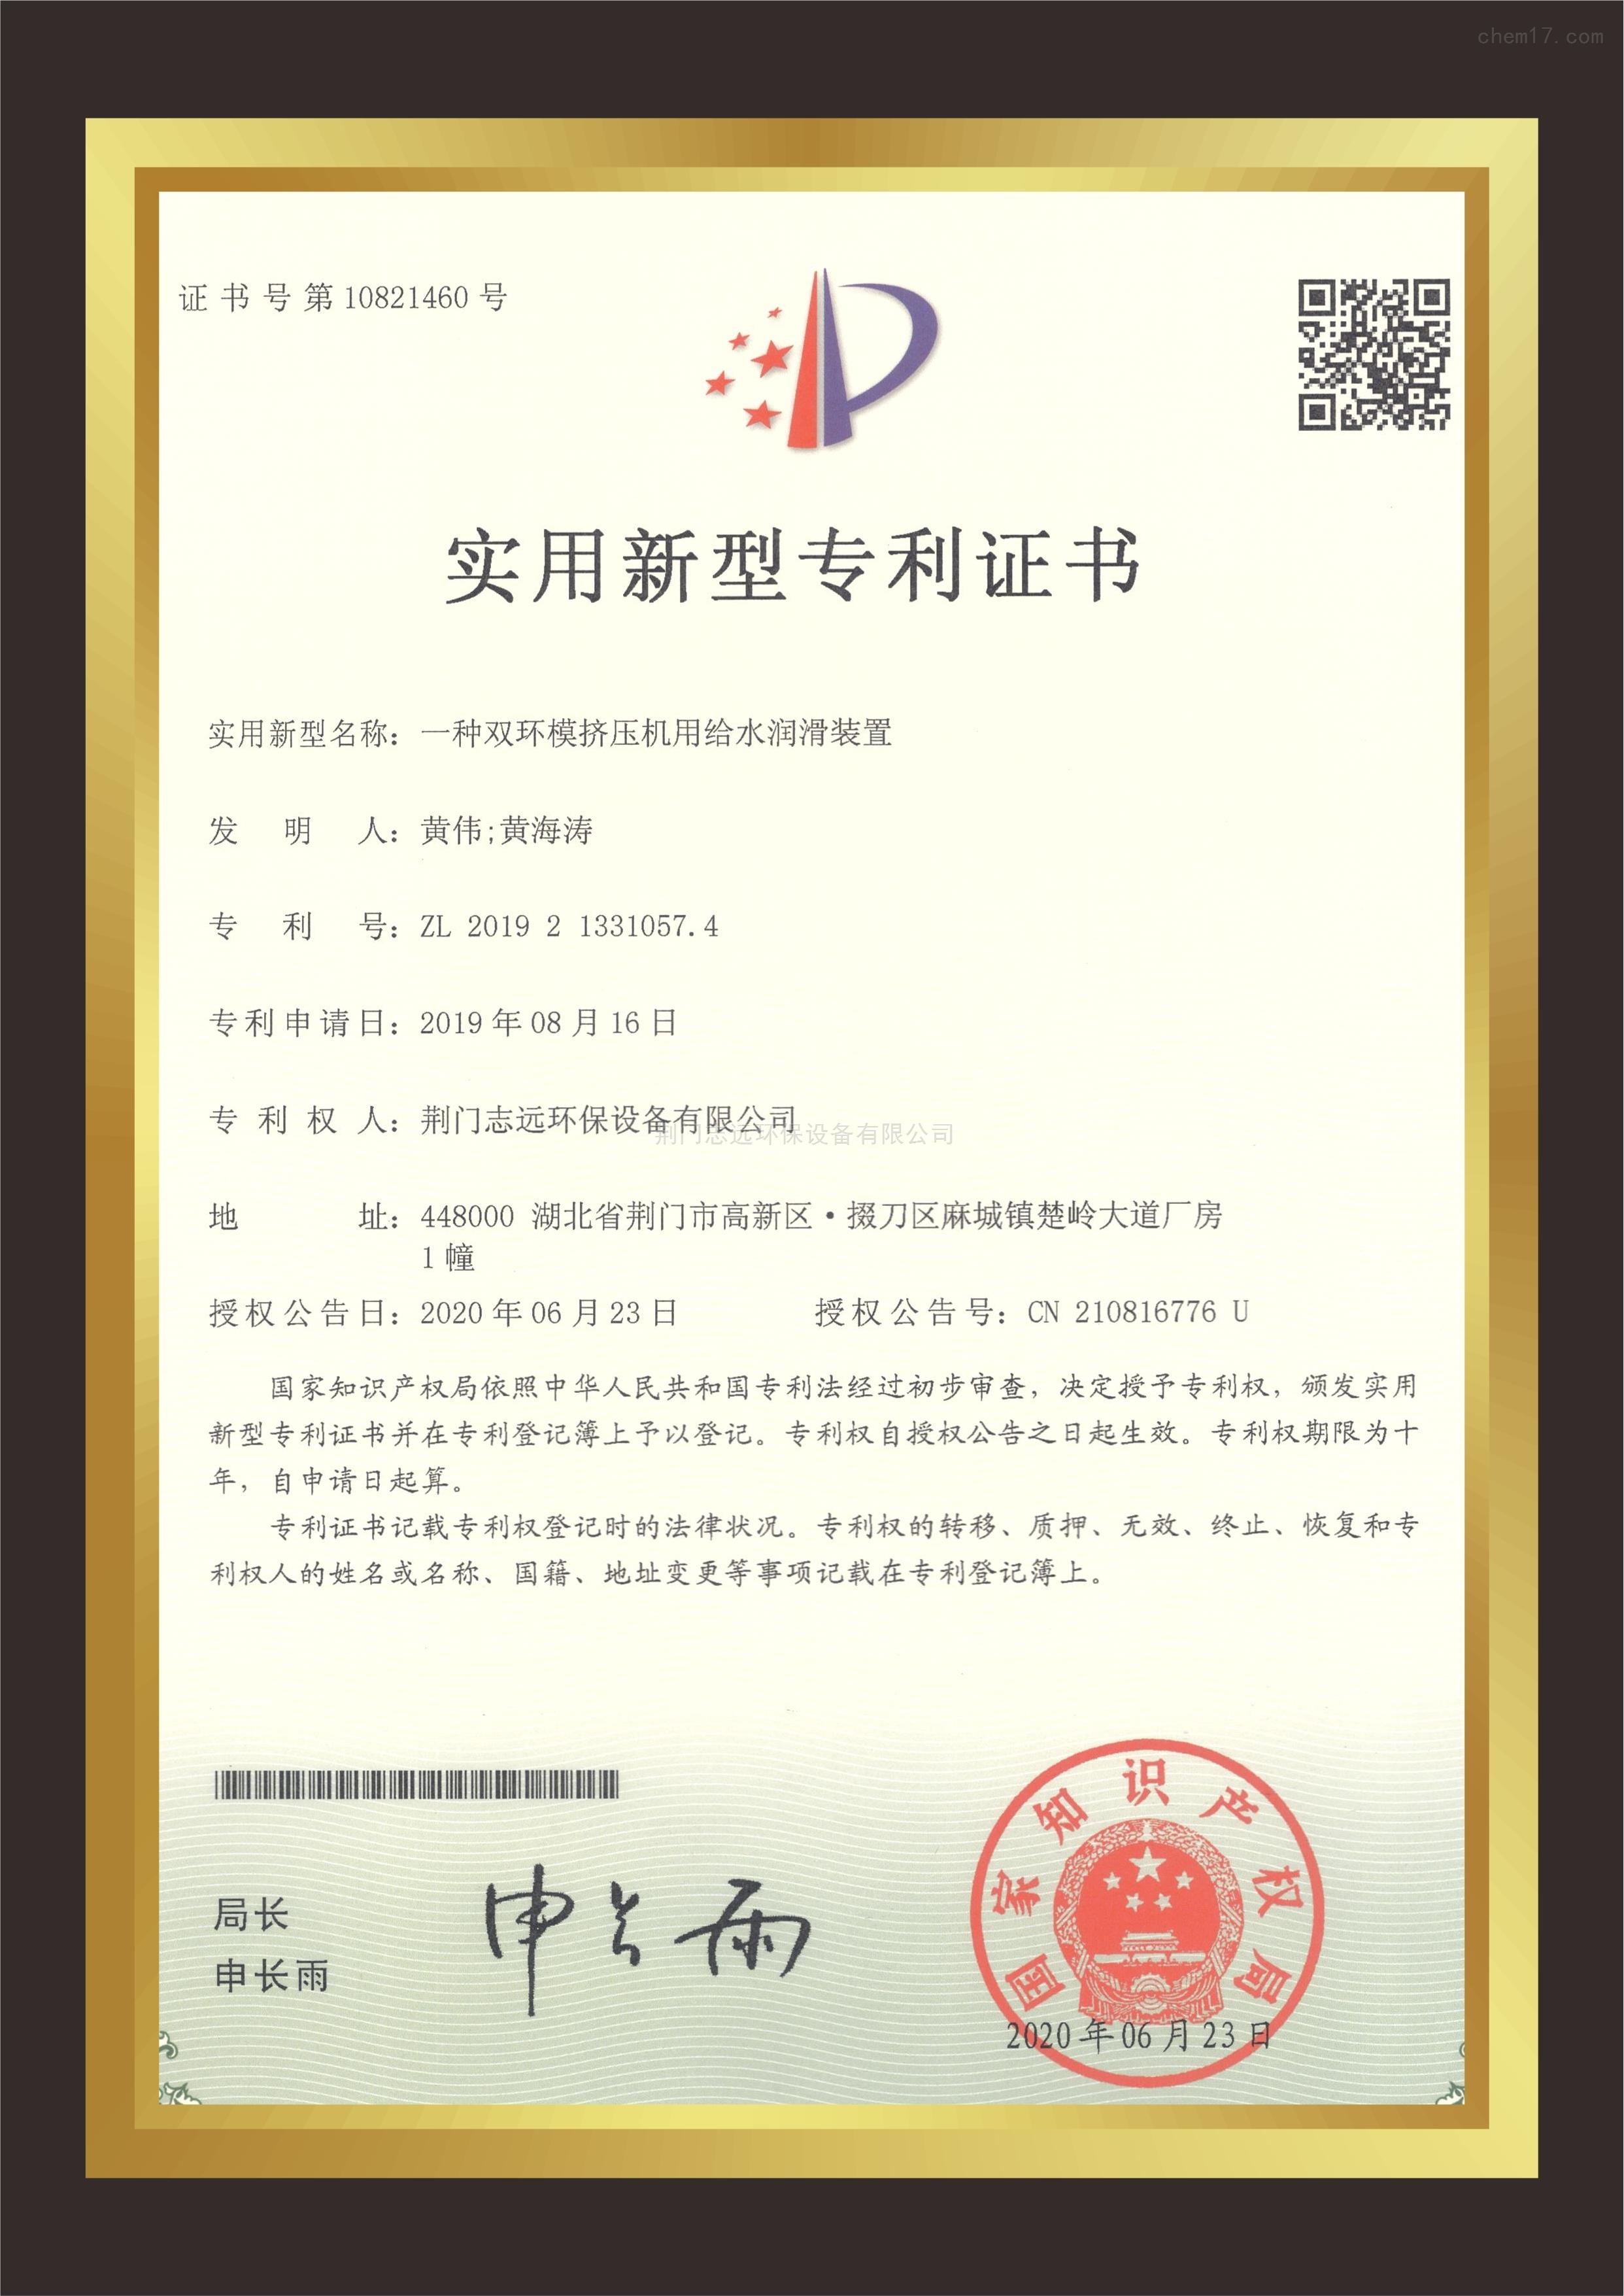 实用新型专利证书(一种双环模挤压机用给水润滑装置)